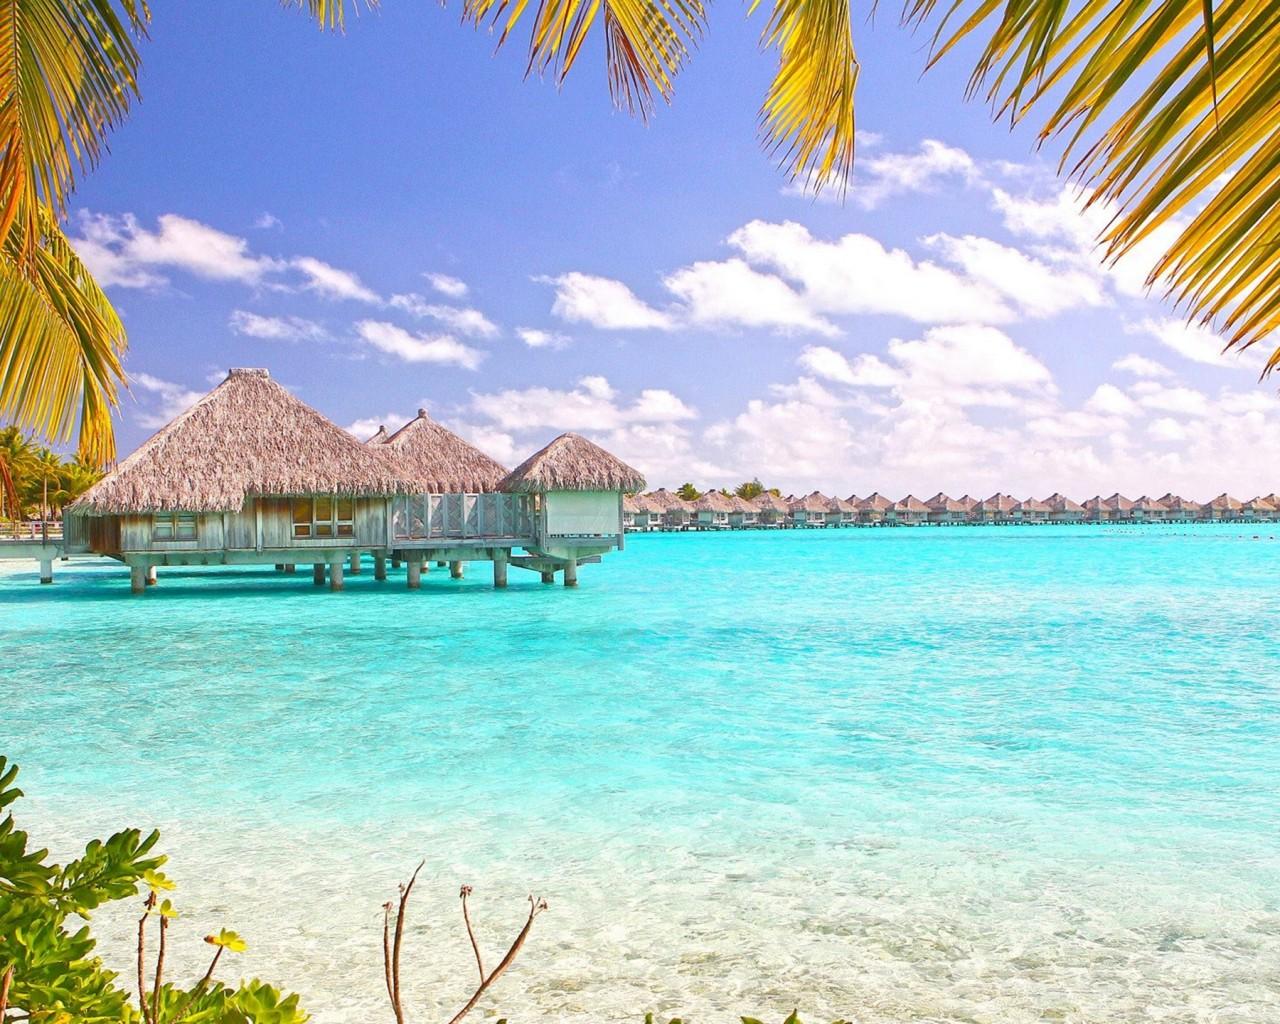 Tropical Beach Bora Bora Polynesia Desktop Wallpaper 1280x1024